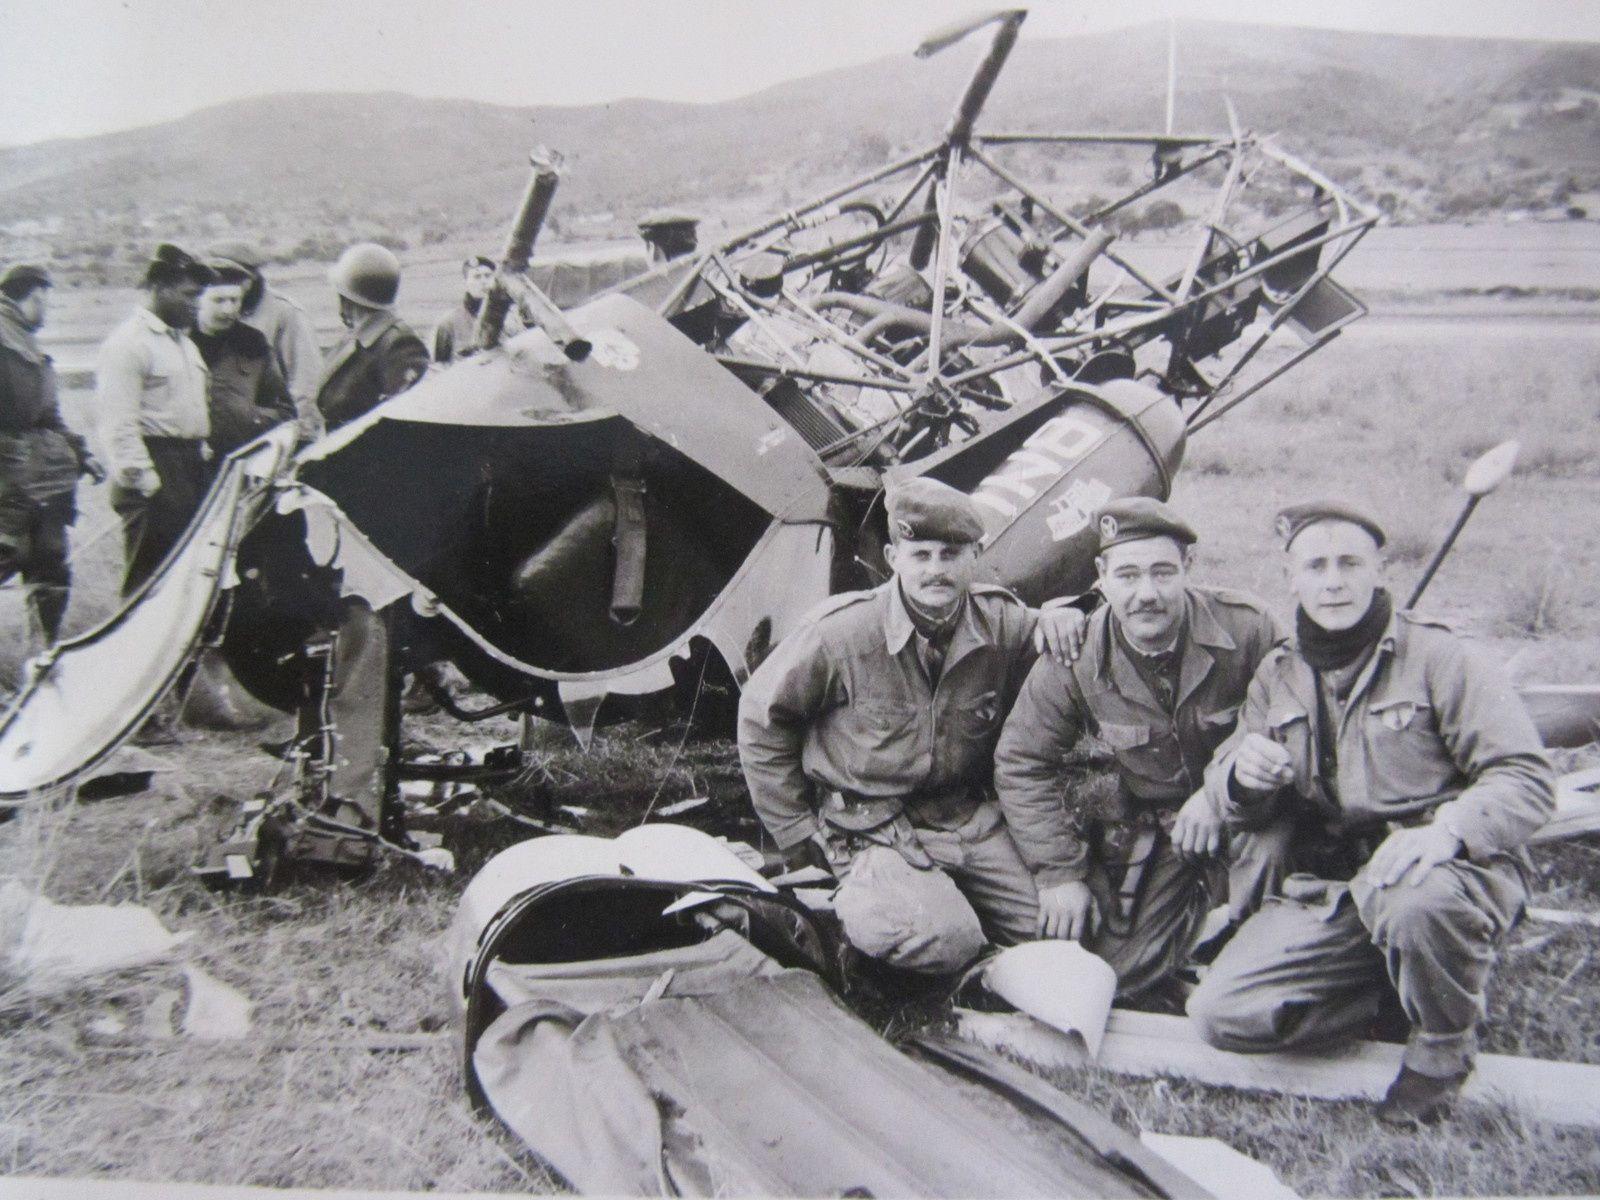 Mémoires de la guerre d'Algérie dans la vallée de l'Ondaine - L'exposition photographique